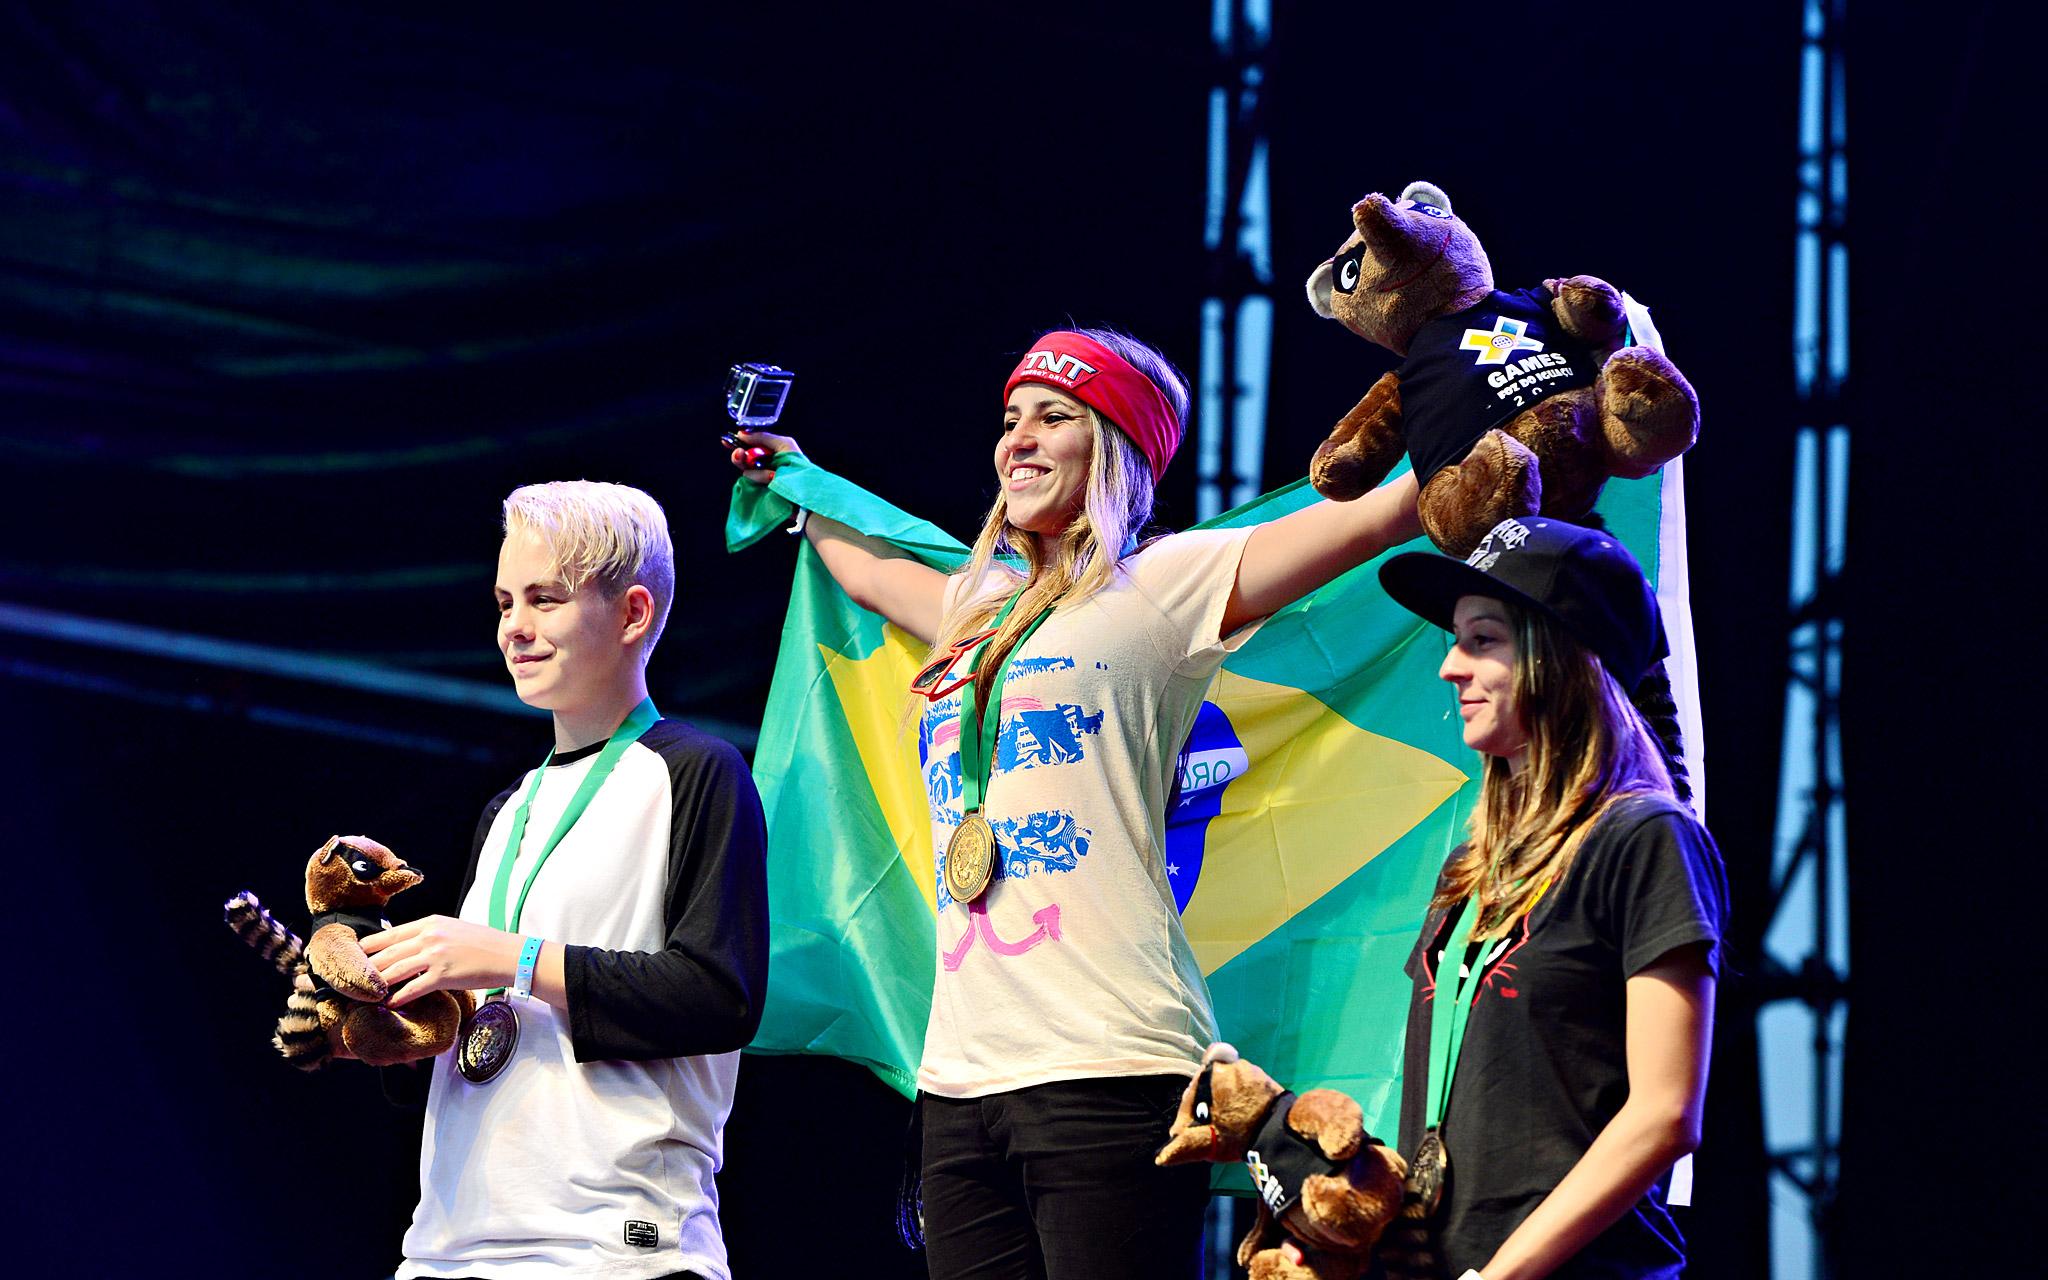 X Games Foz do Iguaçu